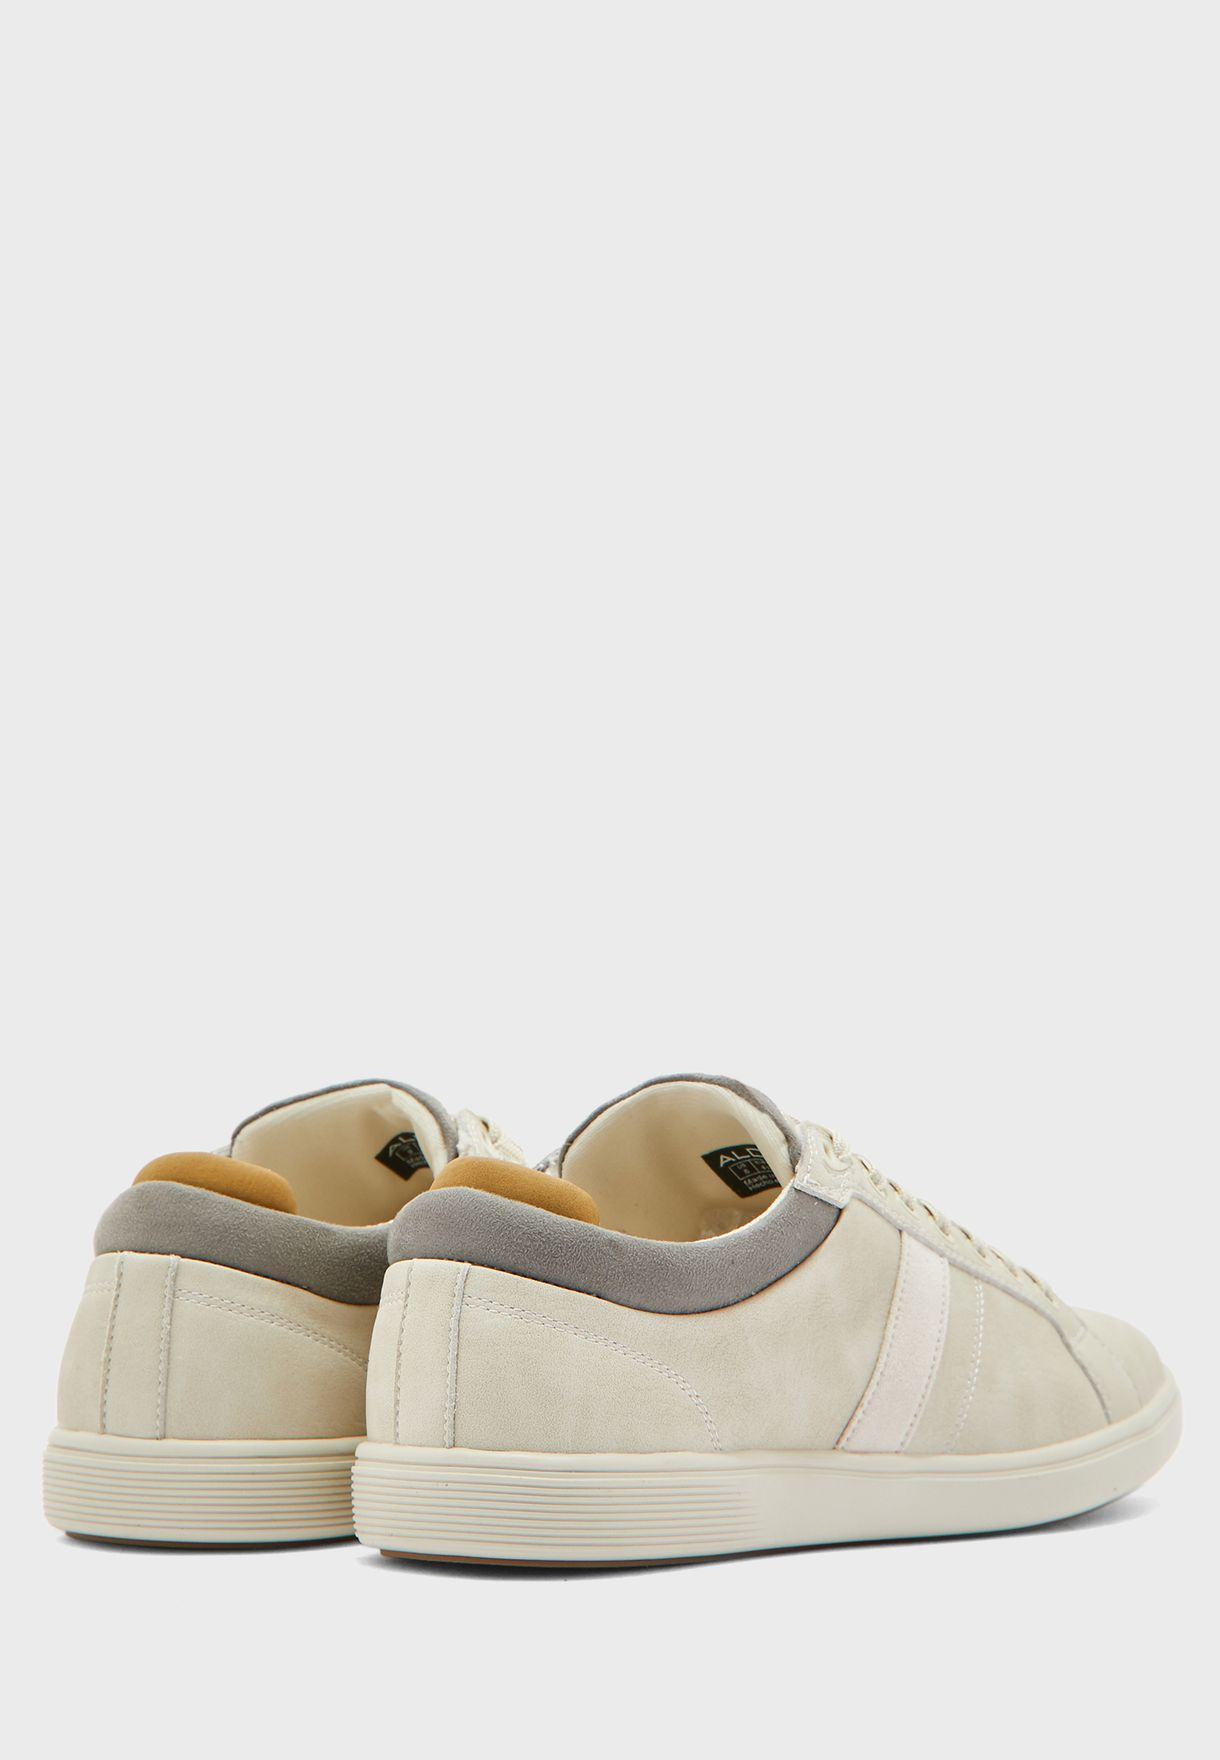 Koisen Low Top Sneakers